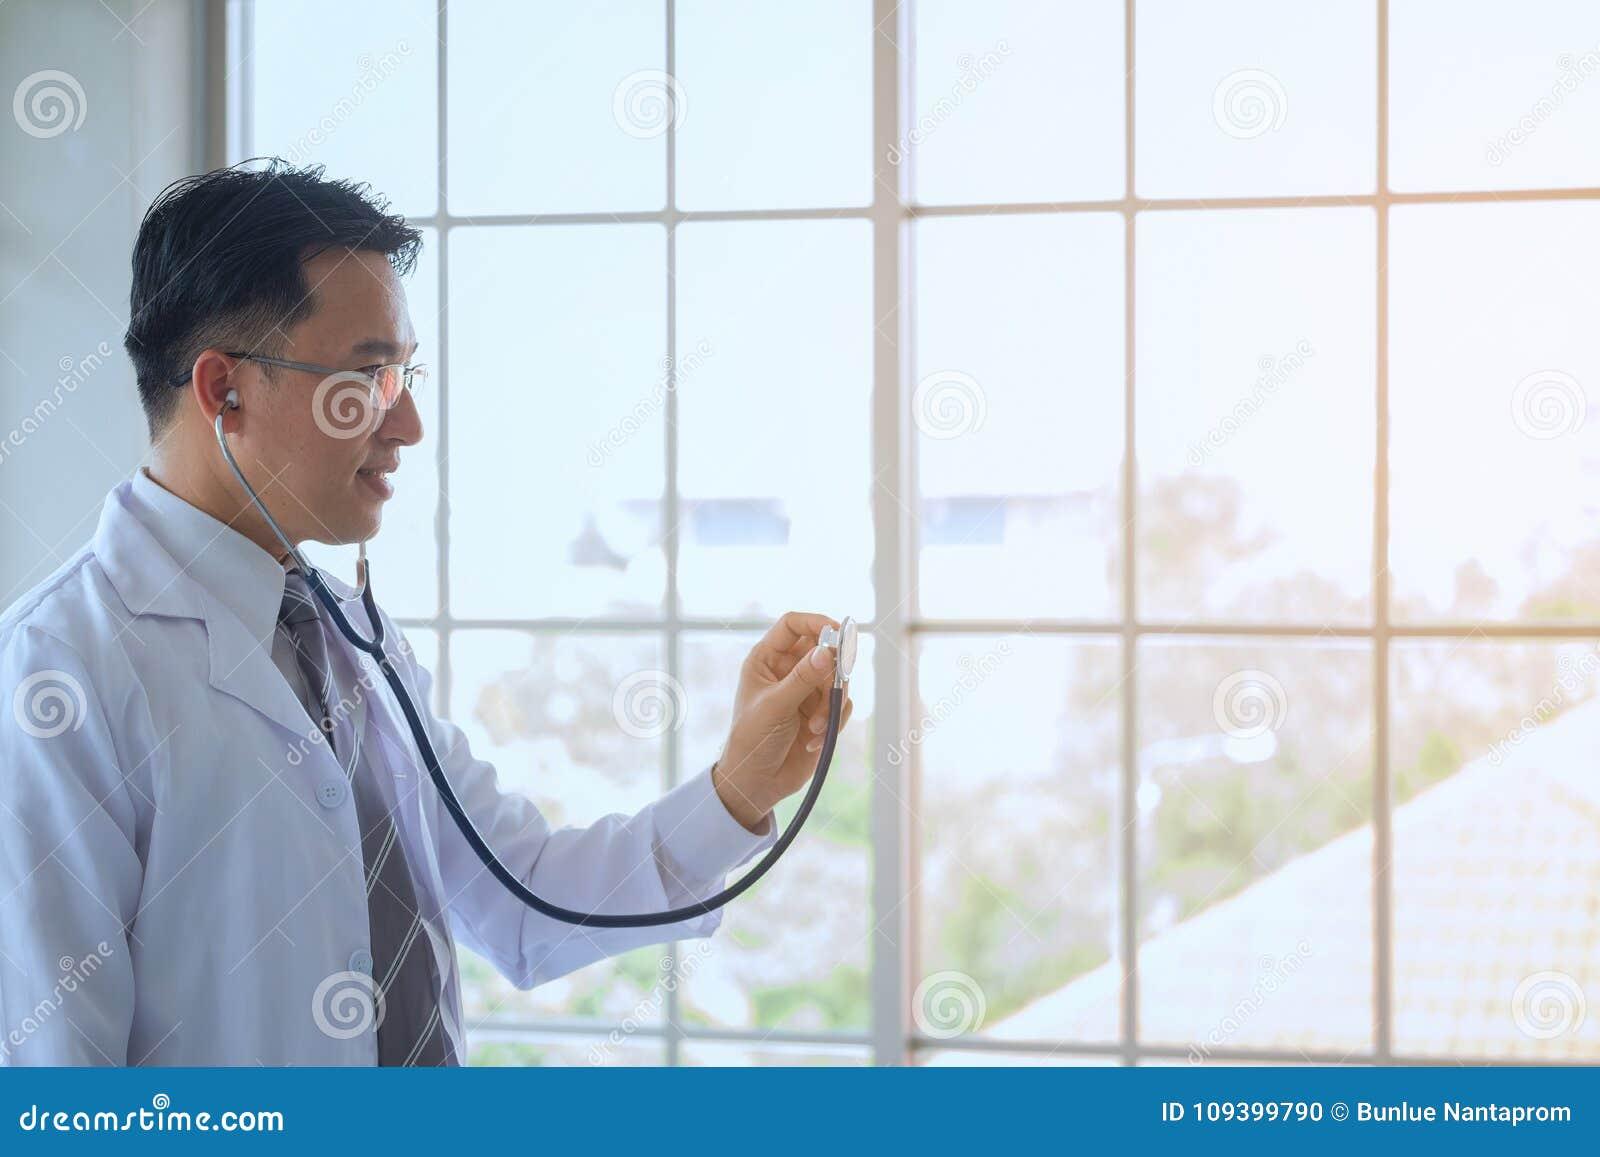 Doutor em um vestido de molho com um exame do estetoscópio no